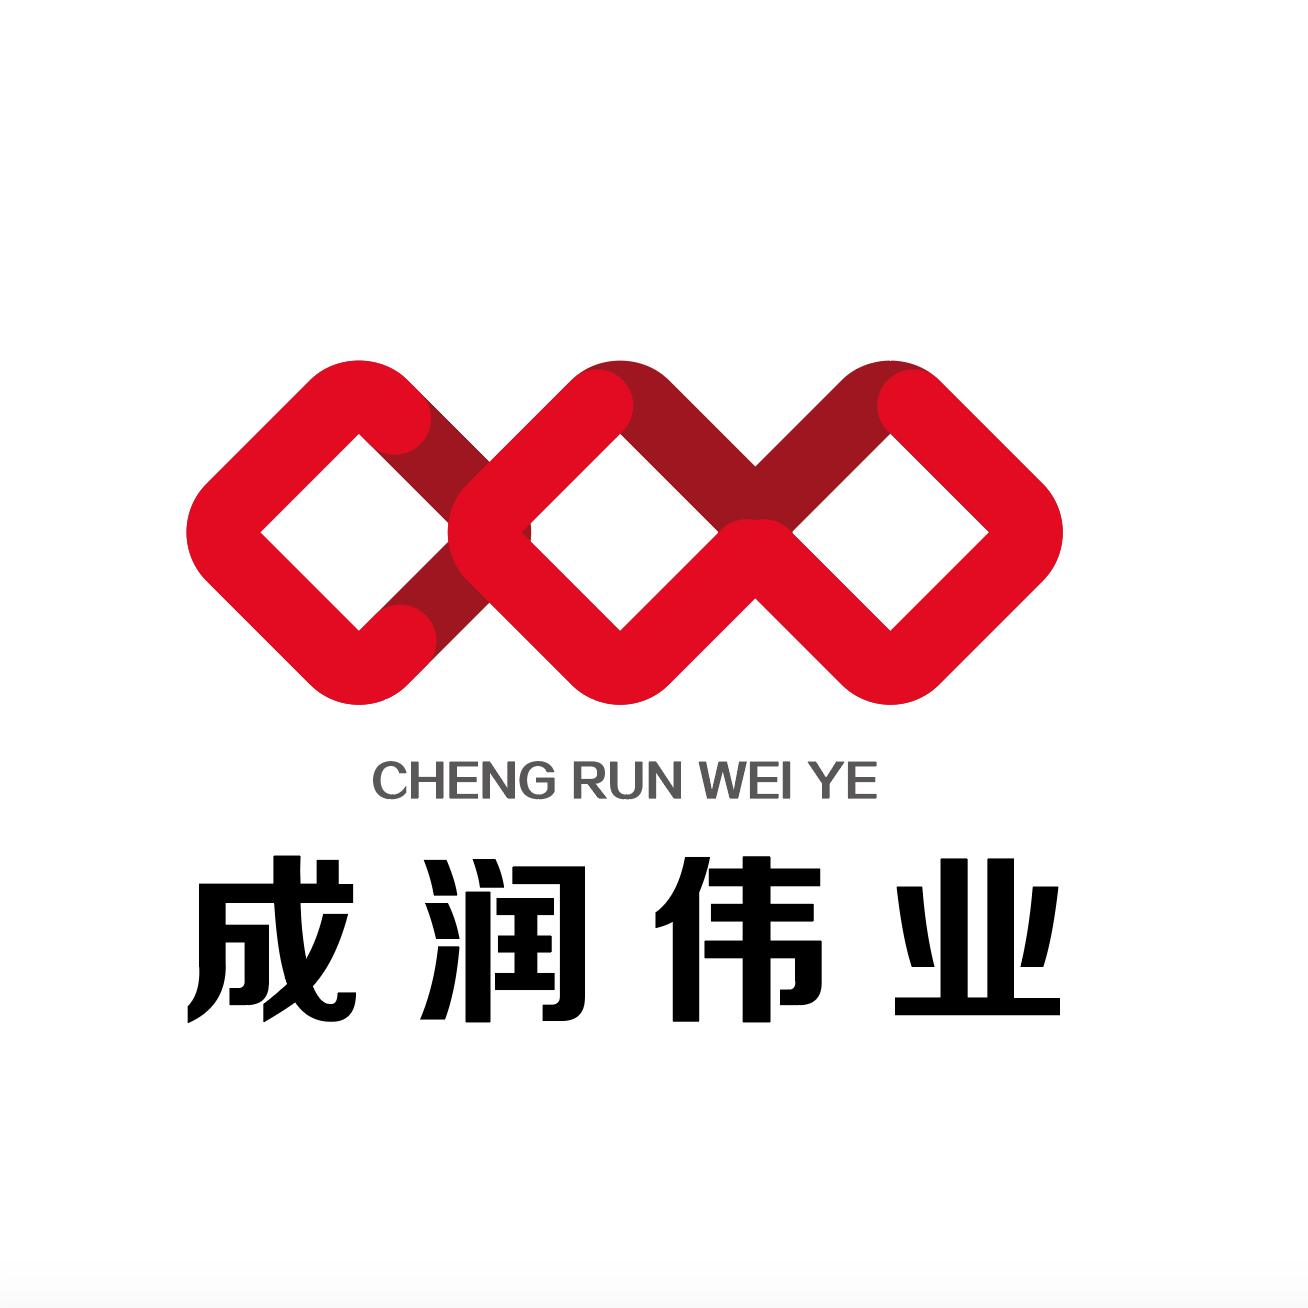 北京成潤偉業房地產顧問有限公司唐山分公司